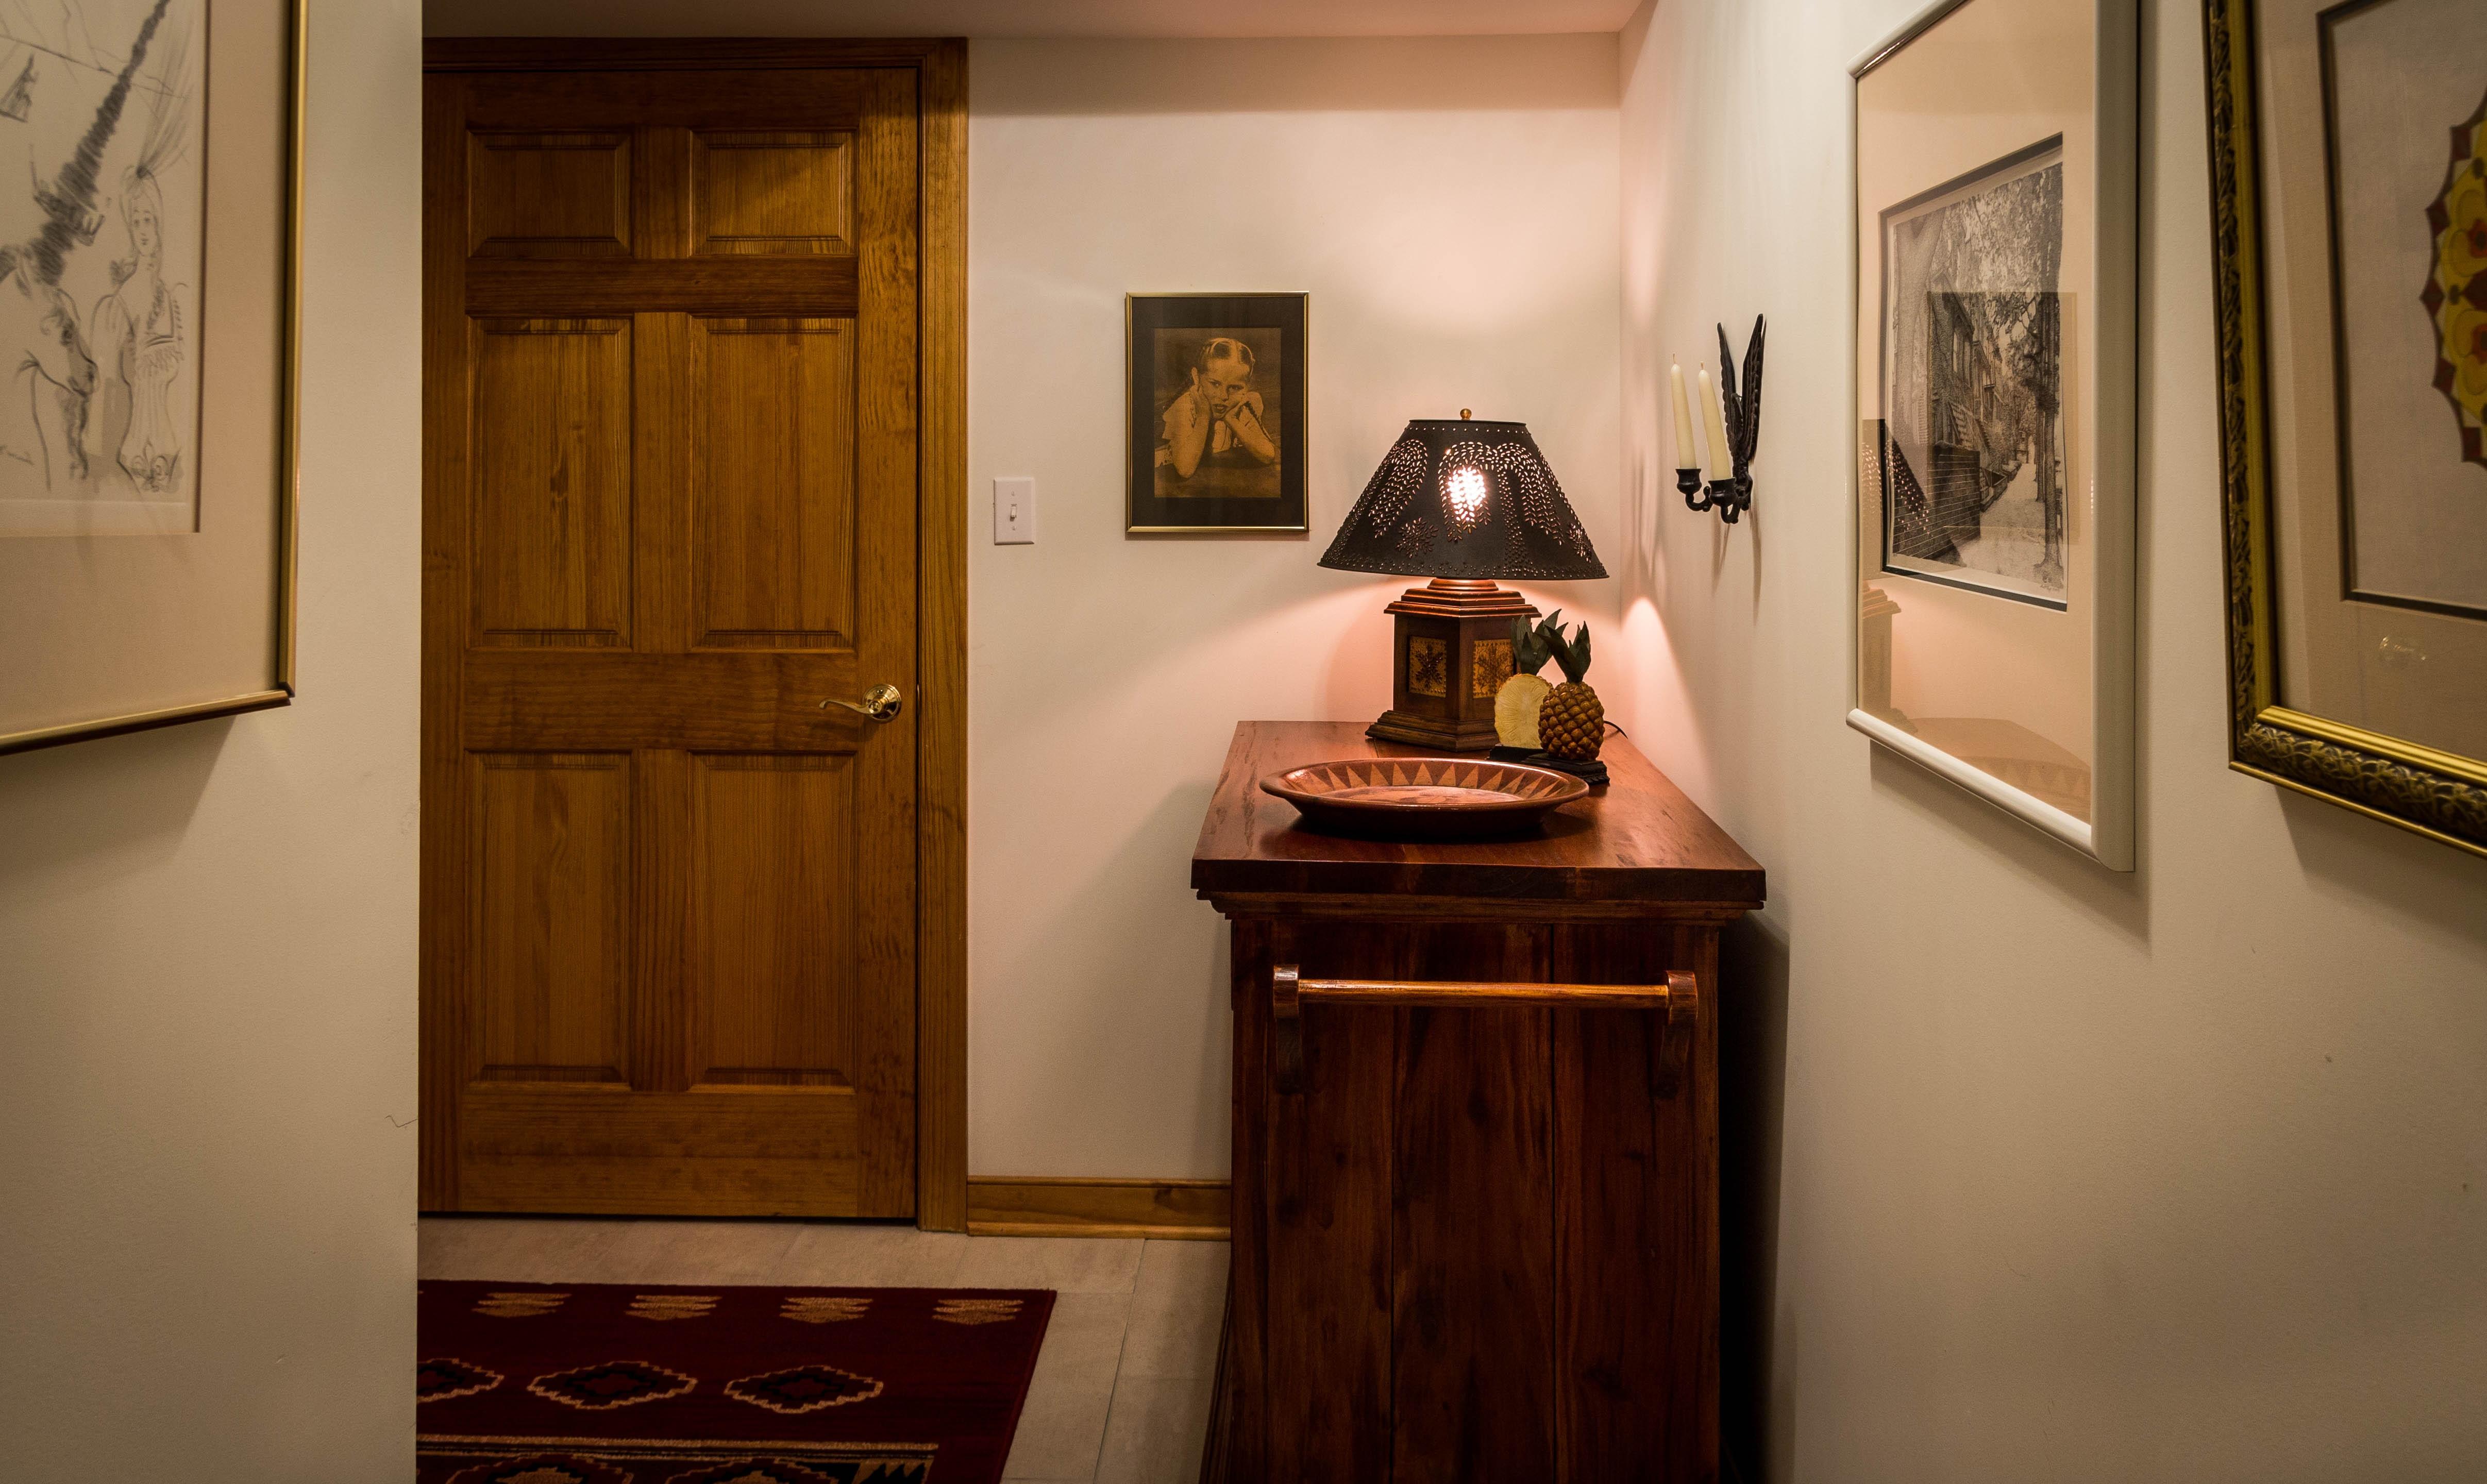 Innenarchitektur Halle kostenlose foto holz haus stock zuhause halle eigentum möbel